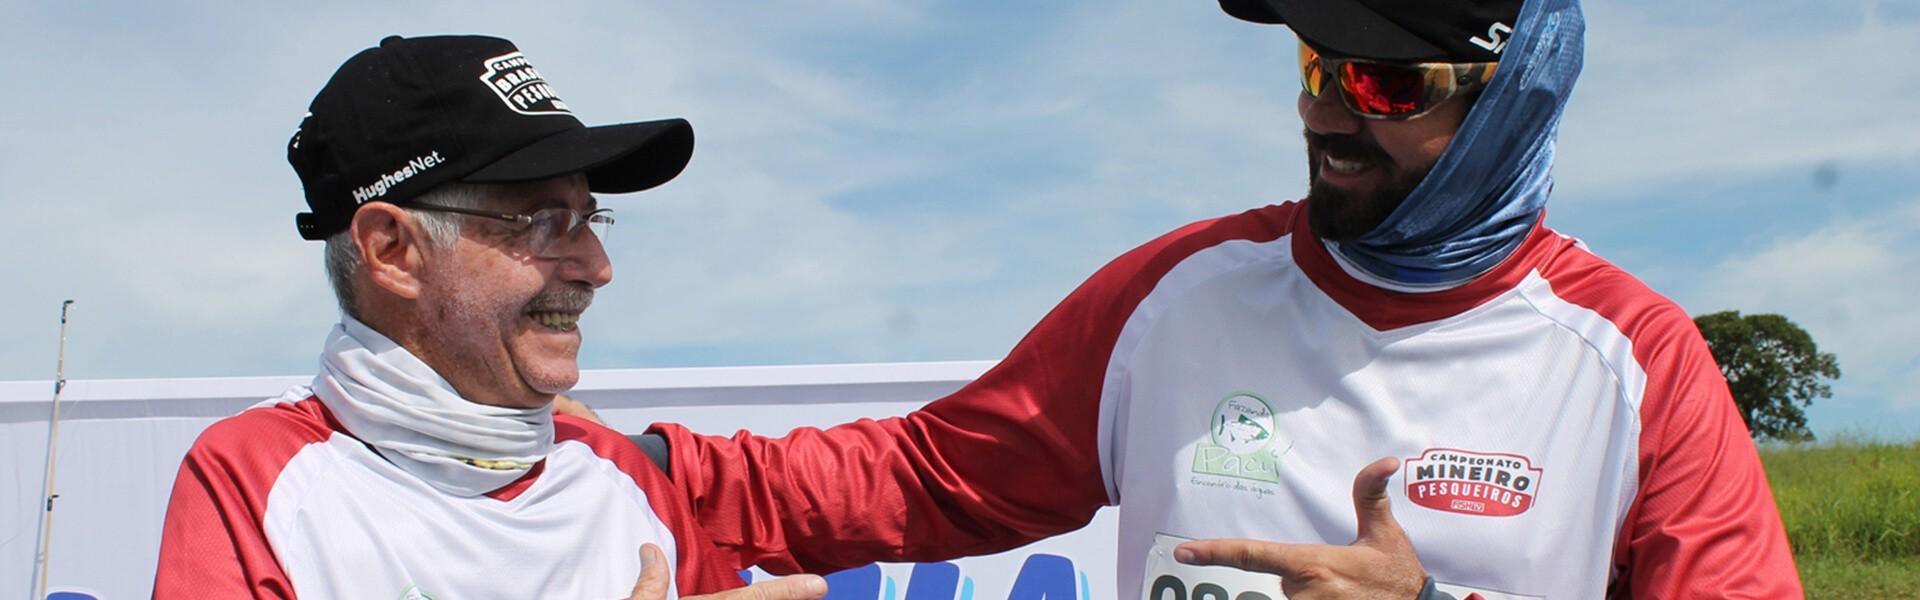 Convença sua dupla a participar do Campeonato Brasileiro em Pesqueiros